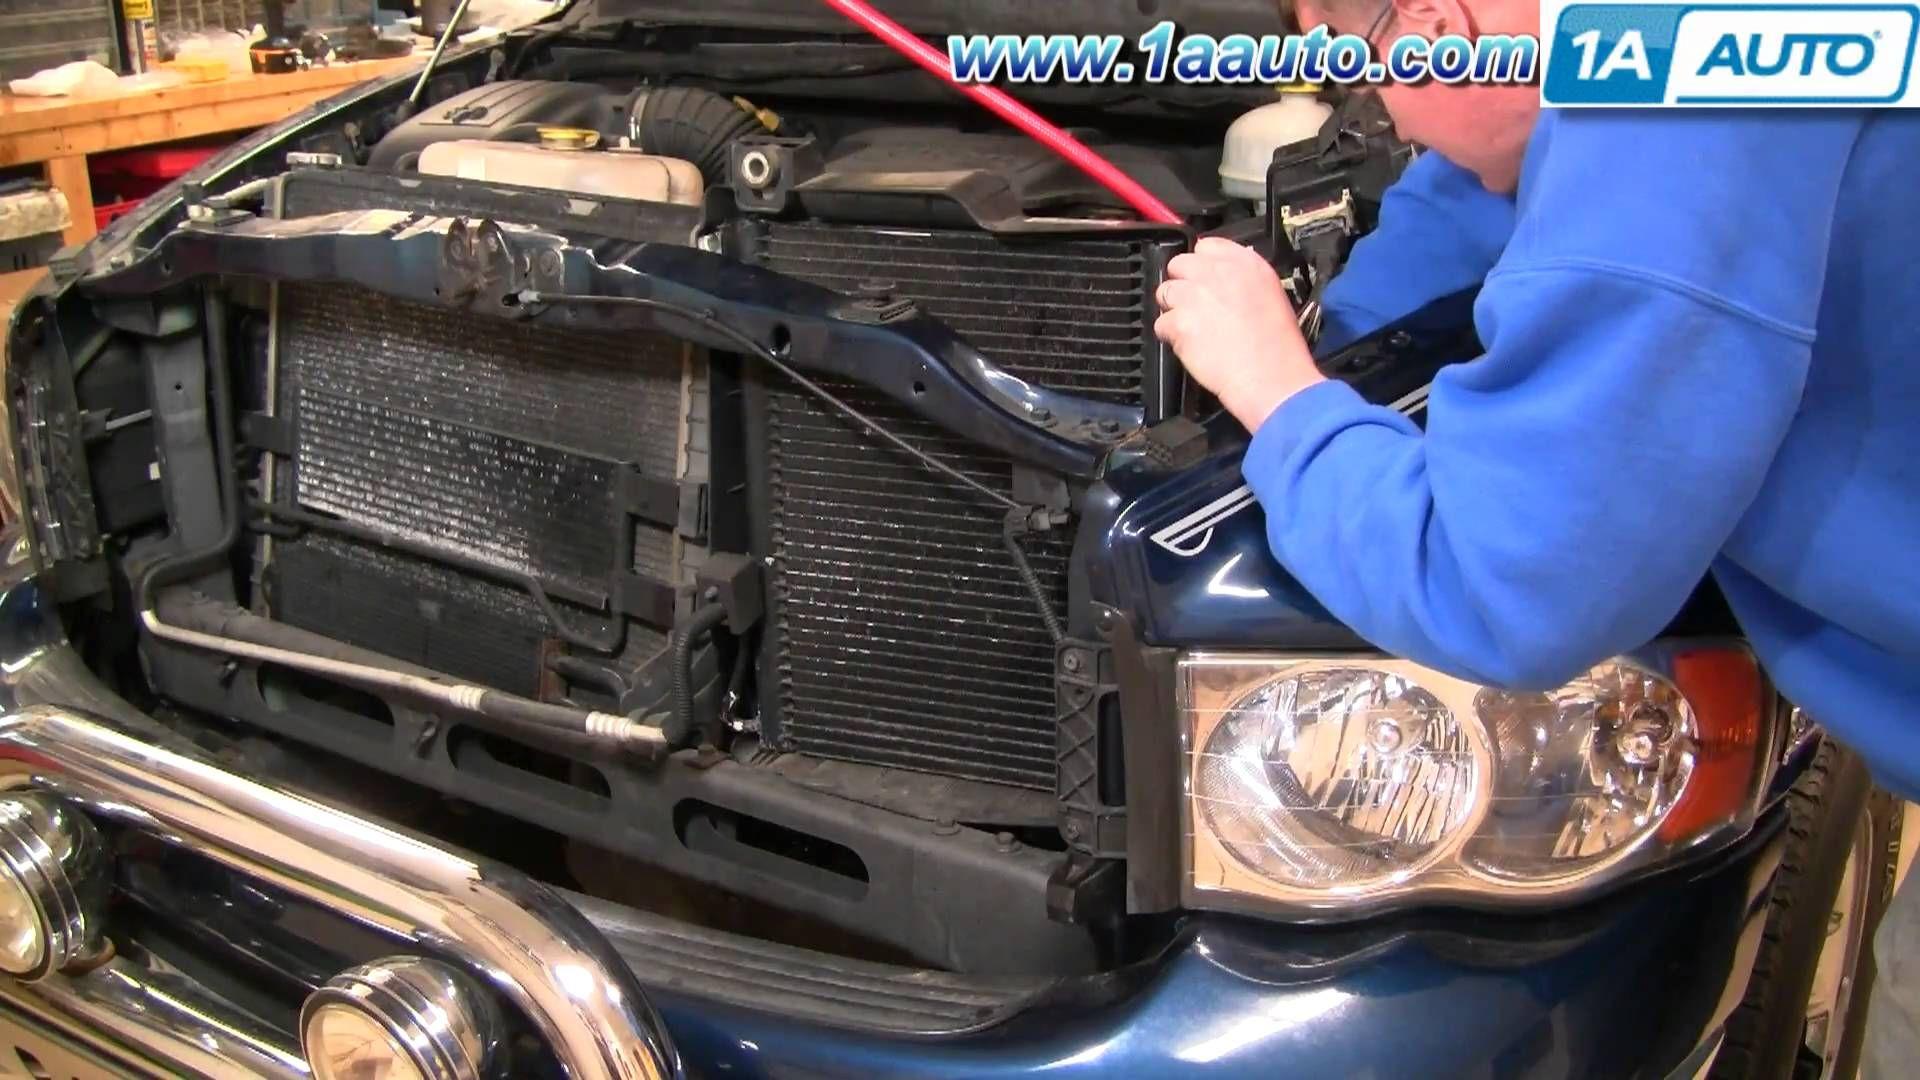 How To Install Repair Replace Part 1 Ac Condensor Cooling Fan Dodge Ram Repair Manuals Dodge Ram Repair